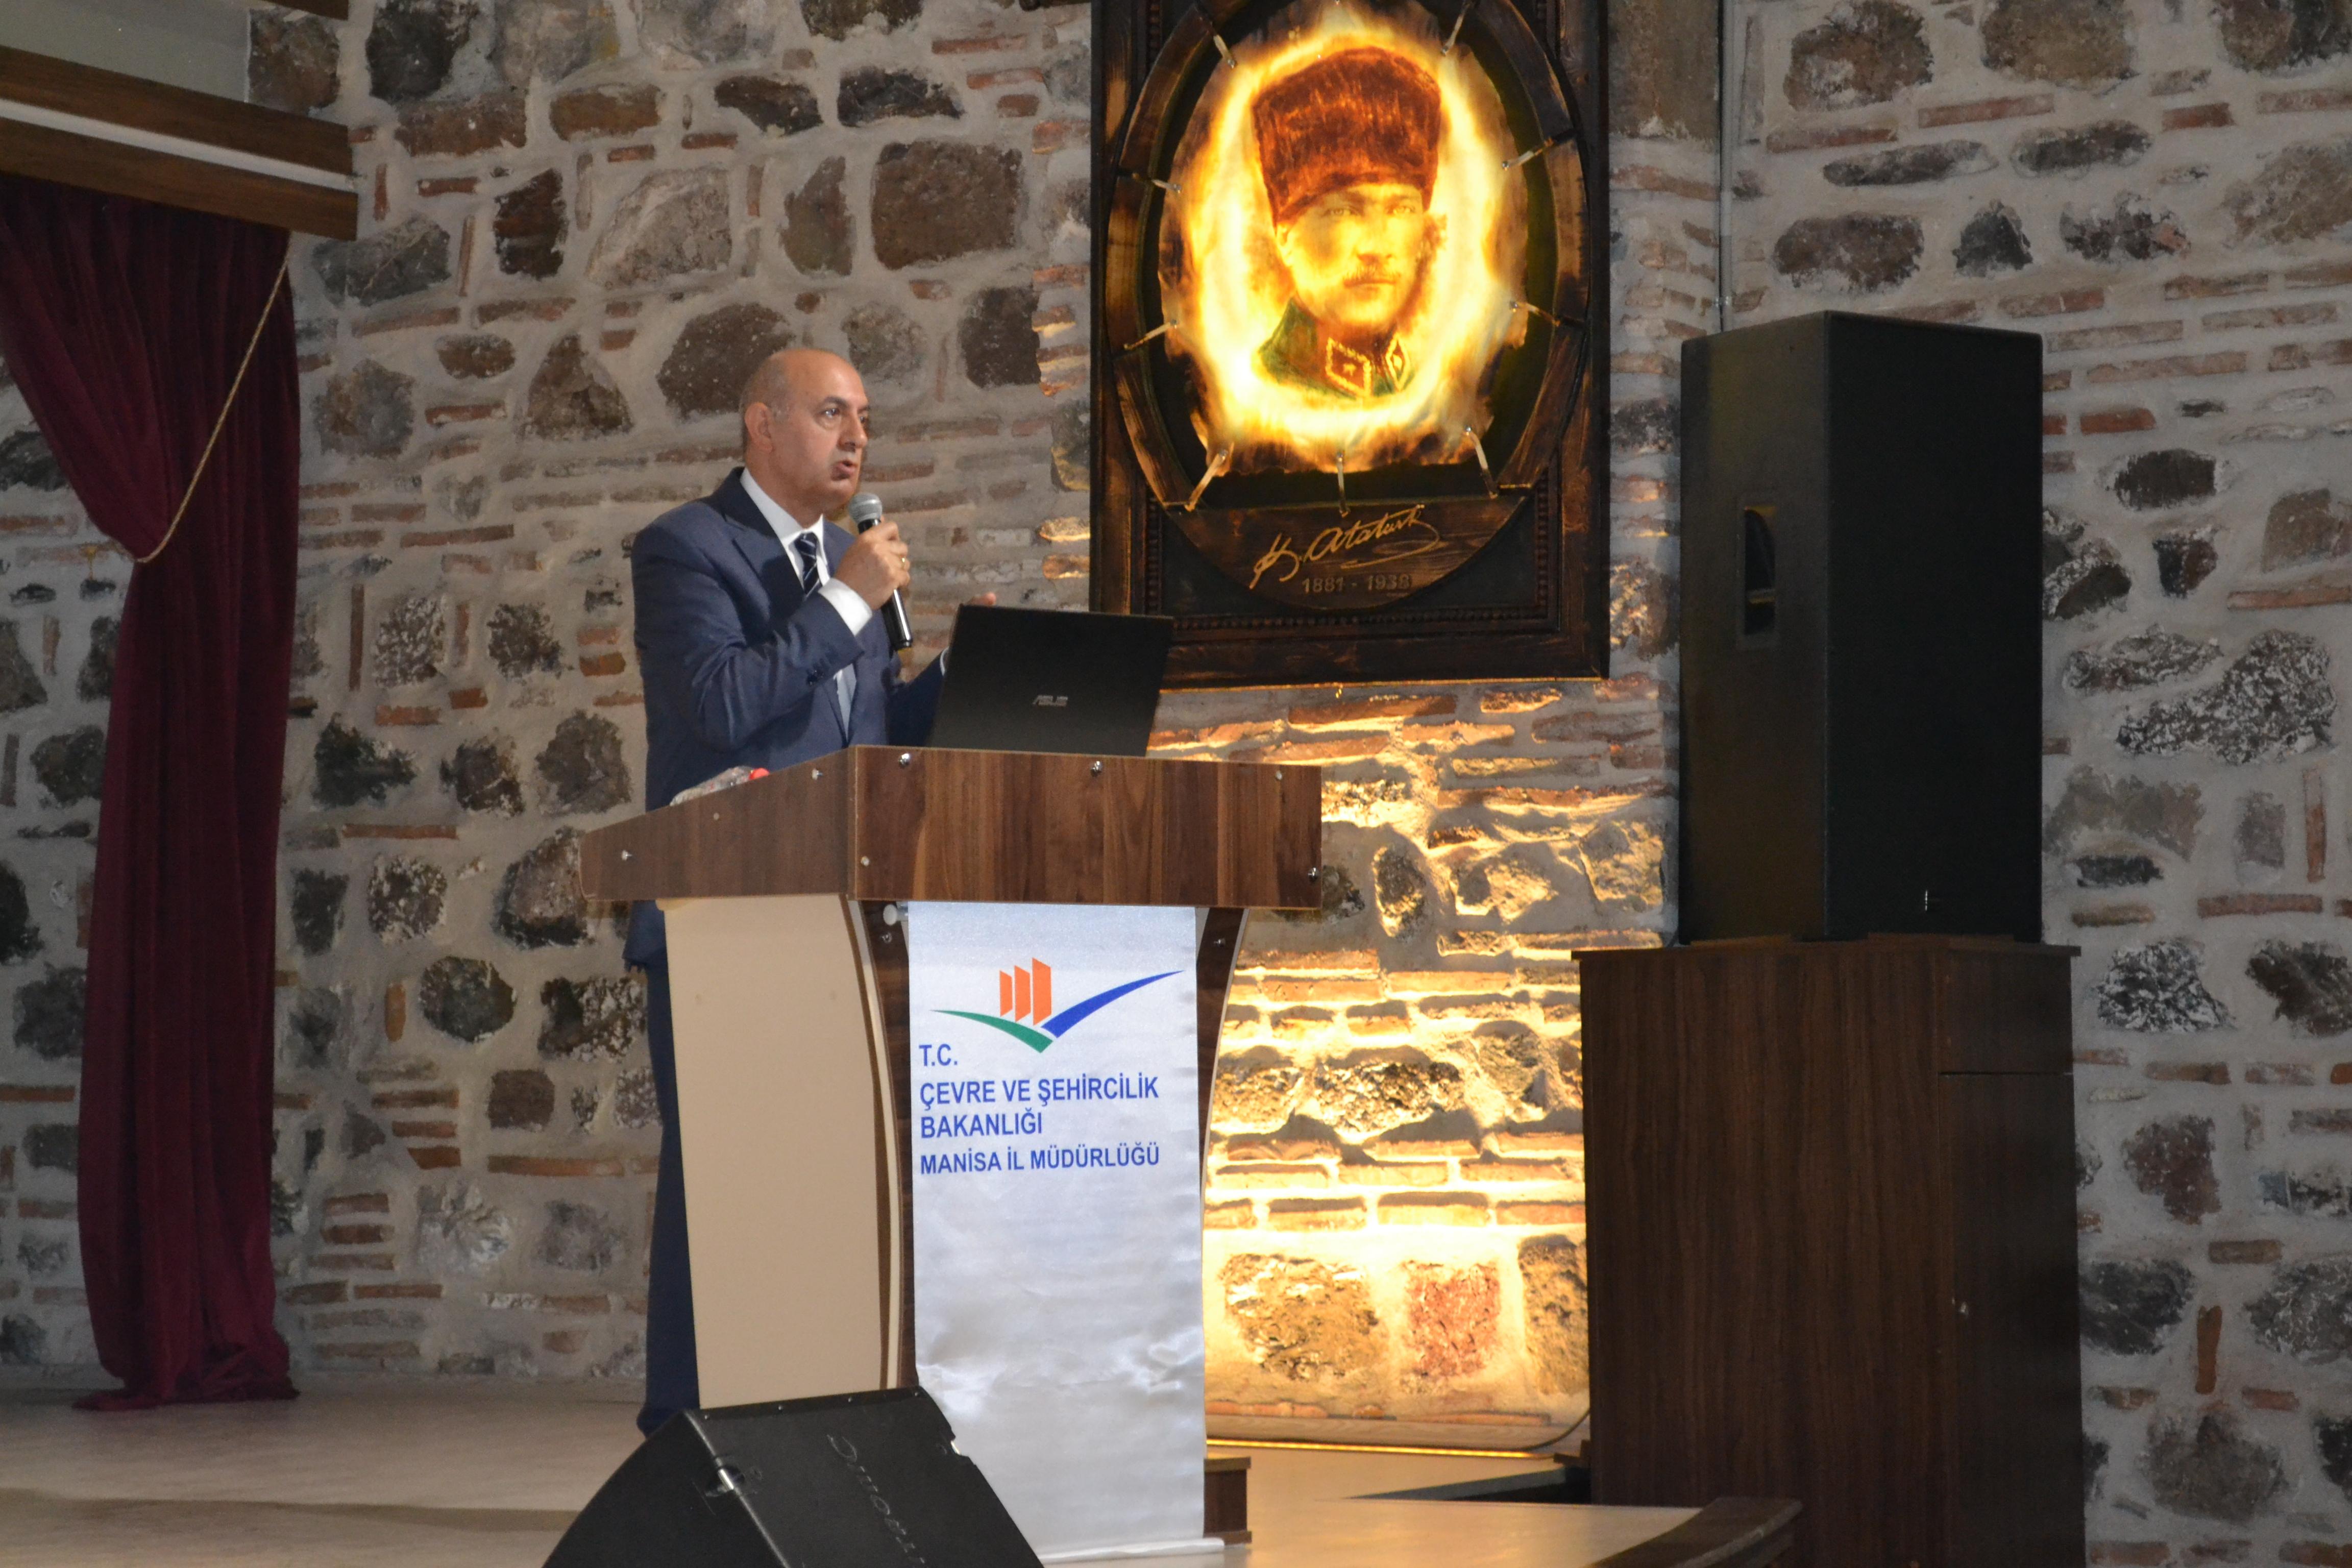 İmar Barışı:  Yunusemre, Şehzadeler ve Turgutlu İlçesine Bilgilendirme Toplantısı Yapıldı